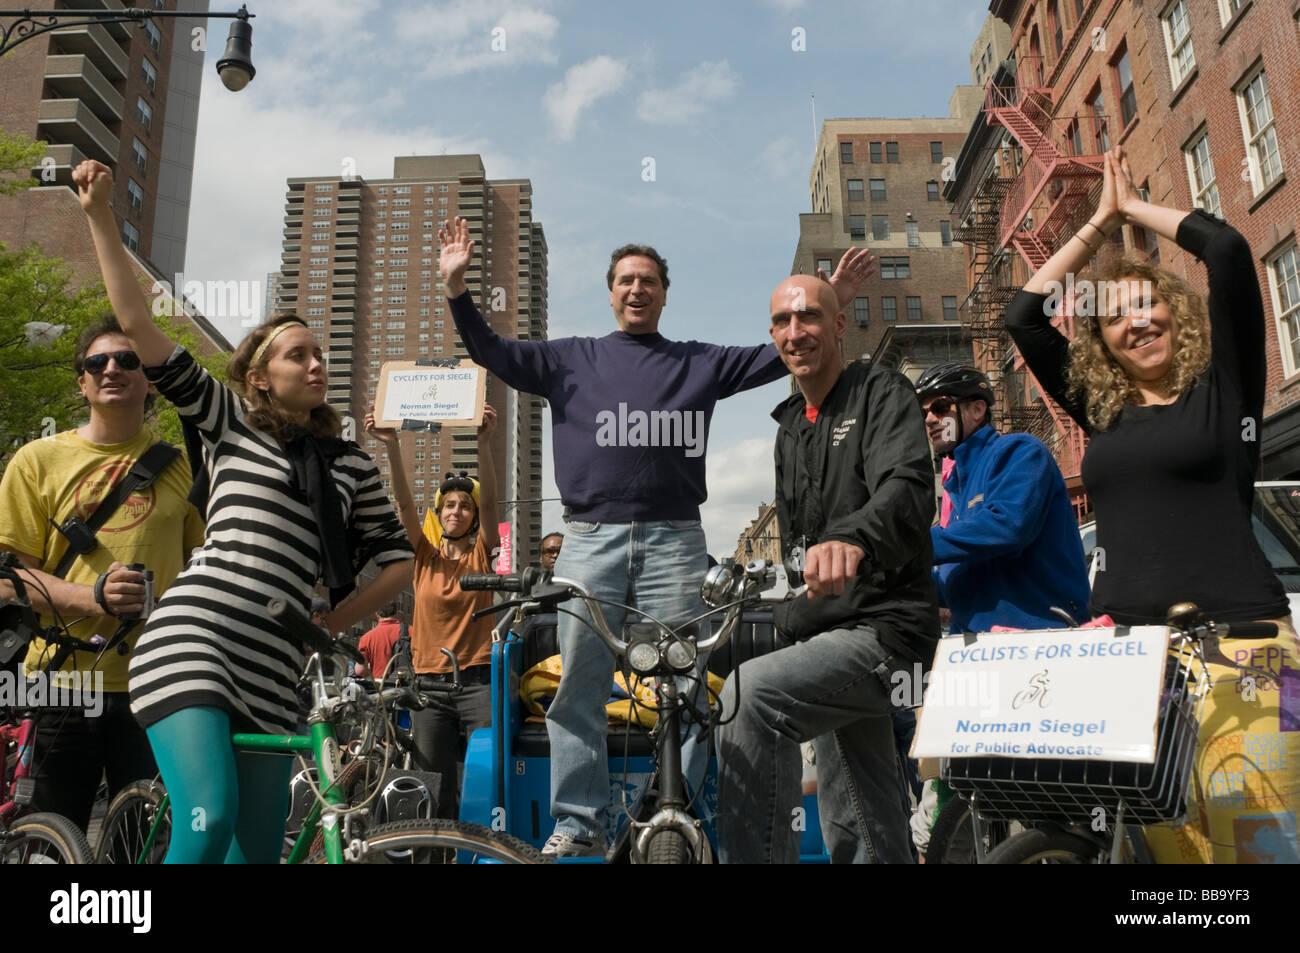 Normale Siegel, Kandidat für NYC Public Advocate mit Radfahrern für Siegel auf dem Tribeca Film Festival Stockbild